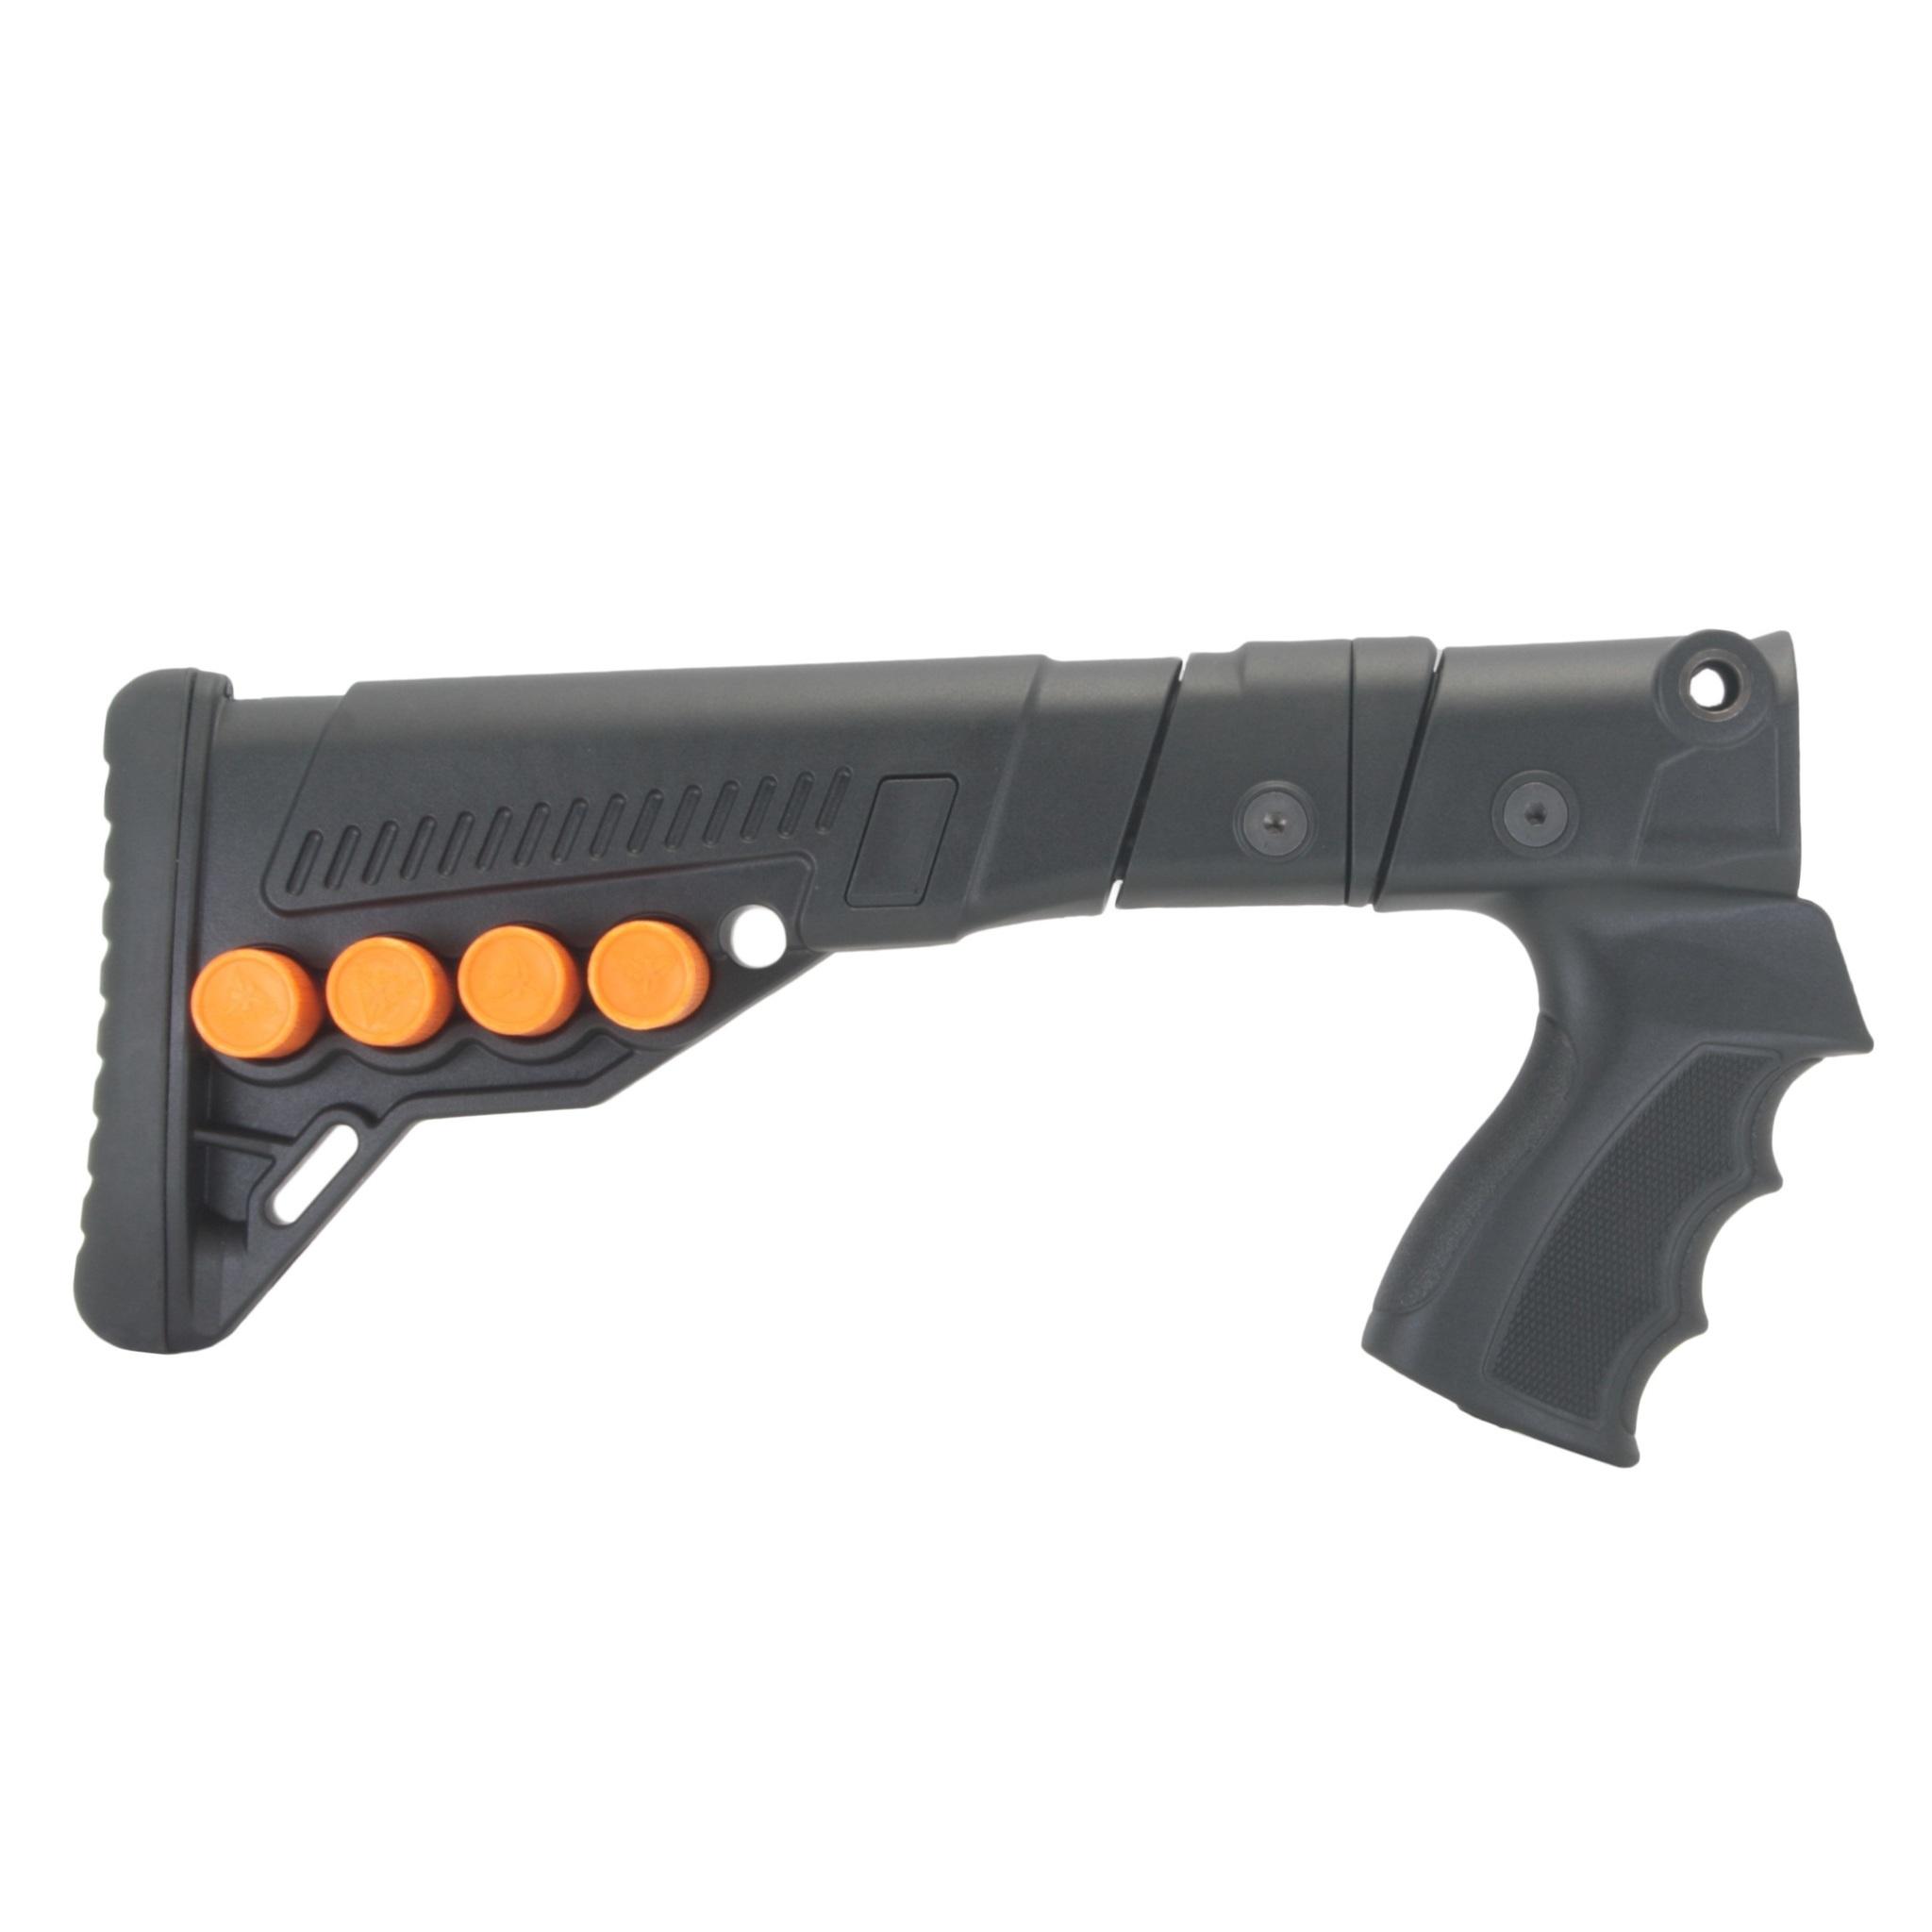 Купить Комплект: Складной приклад МР-153, -133, DLG Tactical